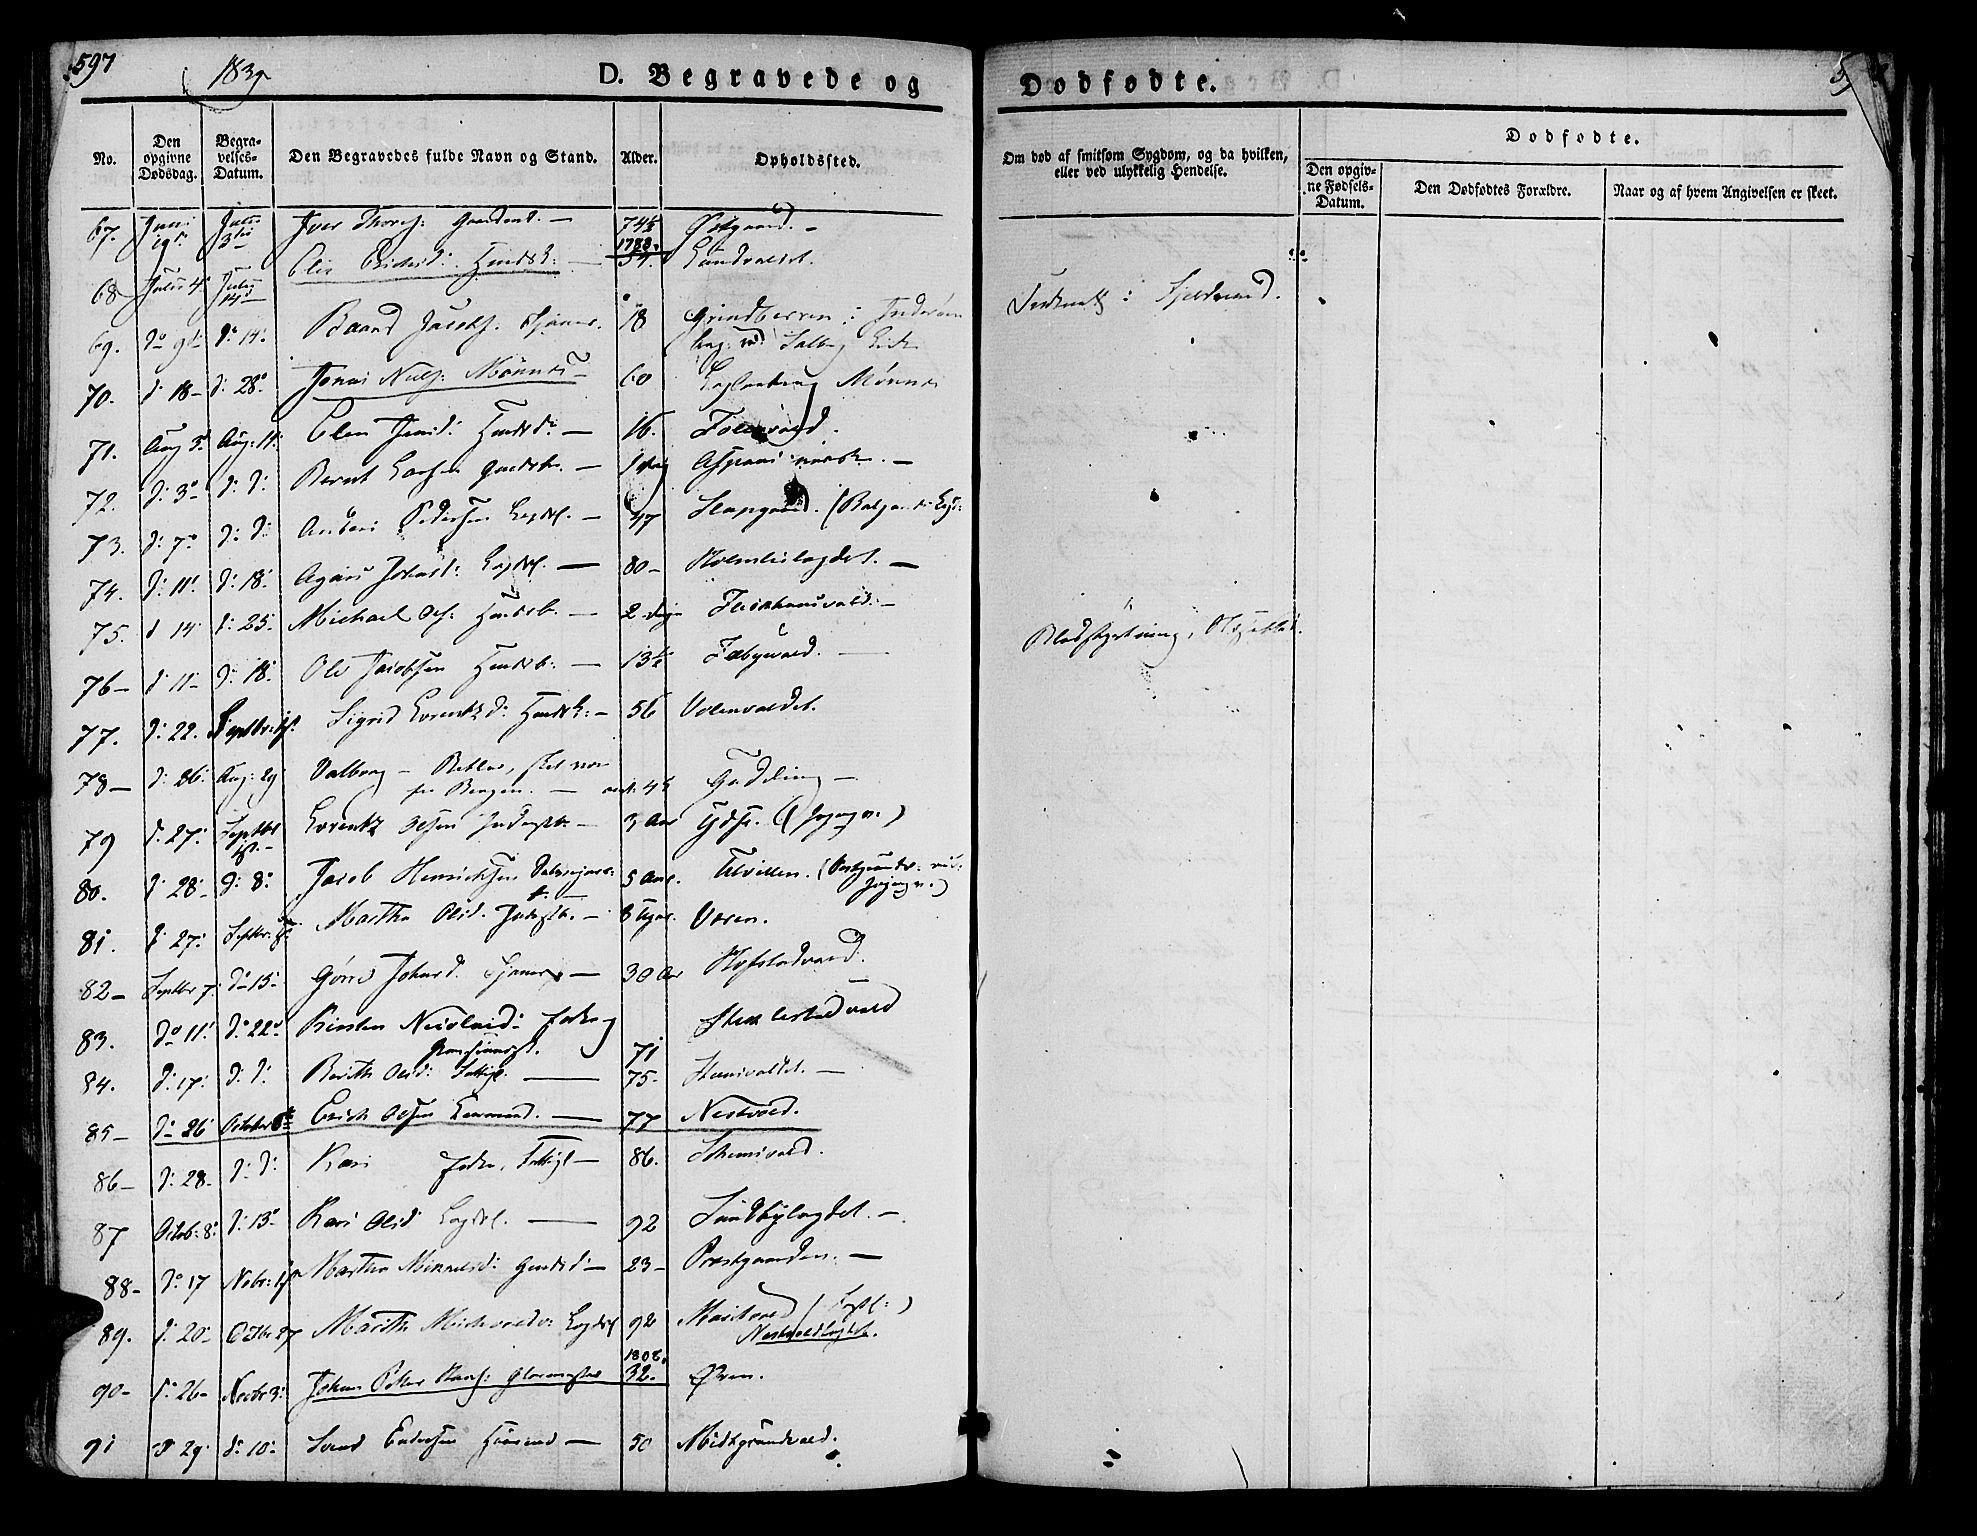 SAT, Ministerialprotokoller, klokkerbøker og fødselsregistre - Nord-Trøndelag, 723/L0238: Ministerialbok nr. 723A07, 1831-1840, s. 597-598